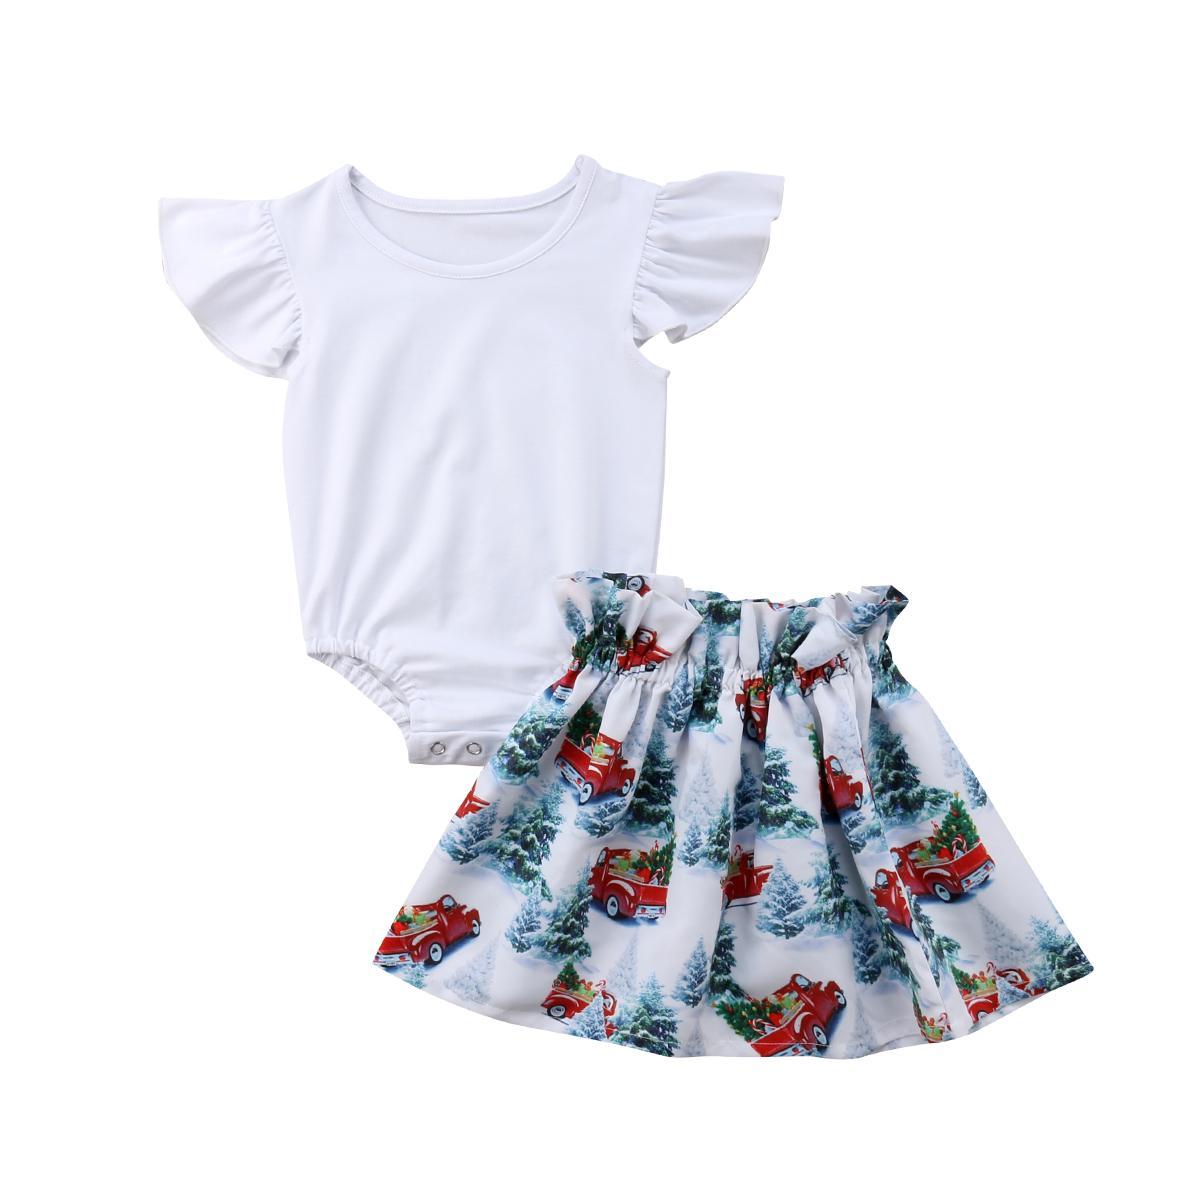 2 pezzi appena nati bambini neonata Outfits vestiti Set Fly manica Solid pagliaccetto Tutu Minigonna Outfit